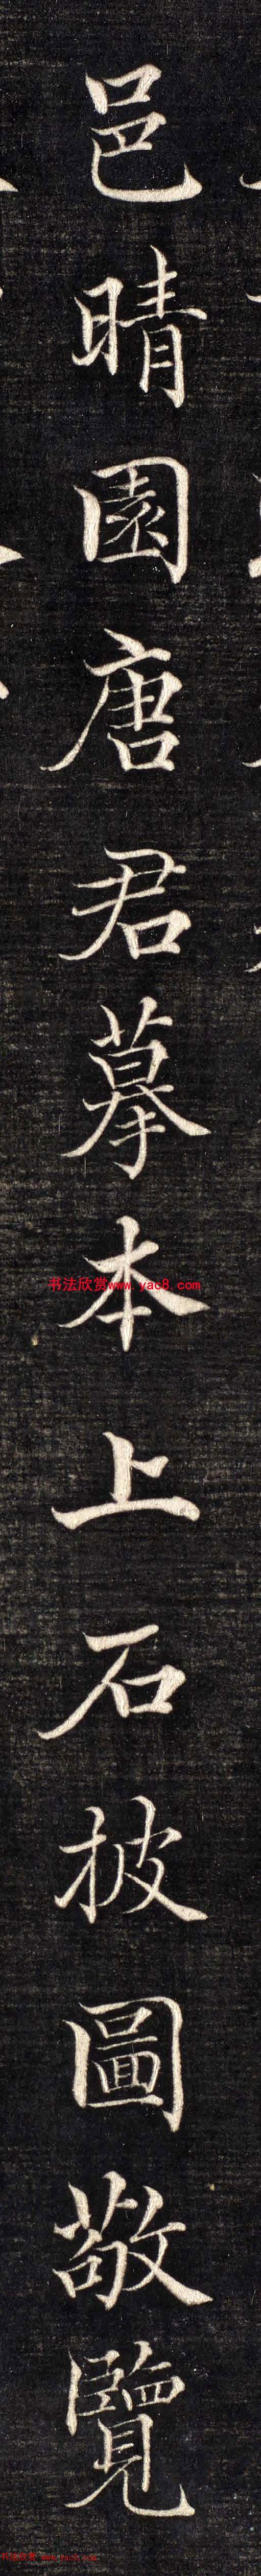 高垲楷书《右张太宜人节孝图》高清放大单字帖